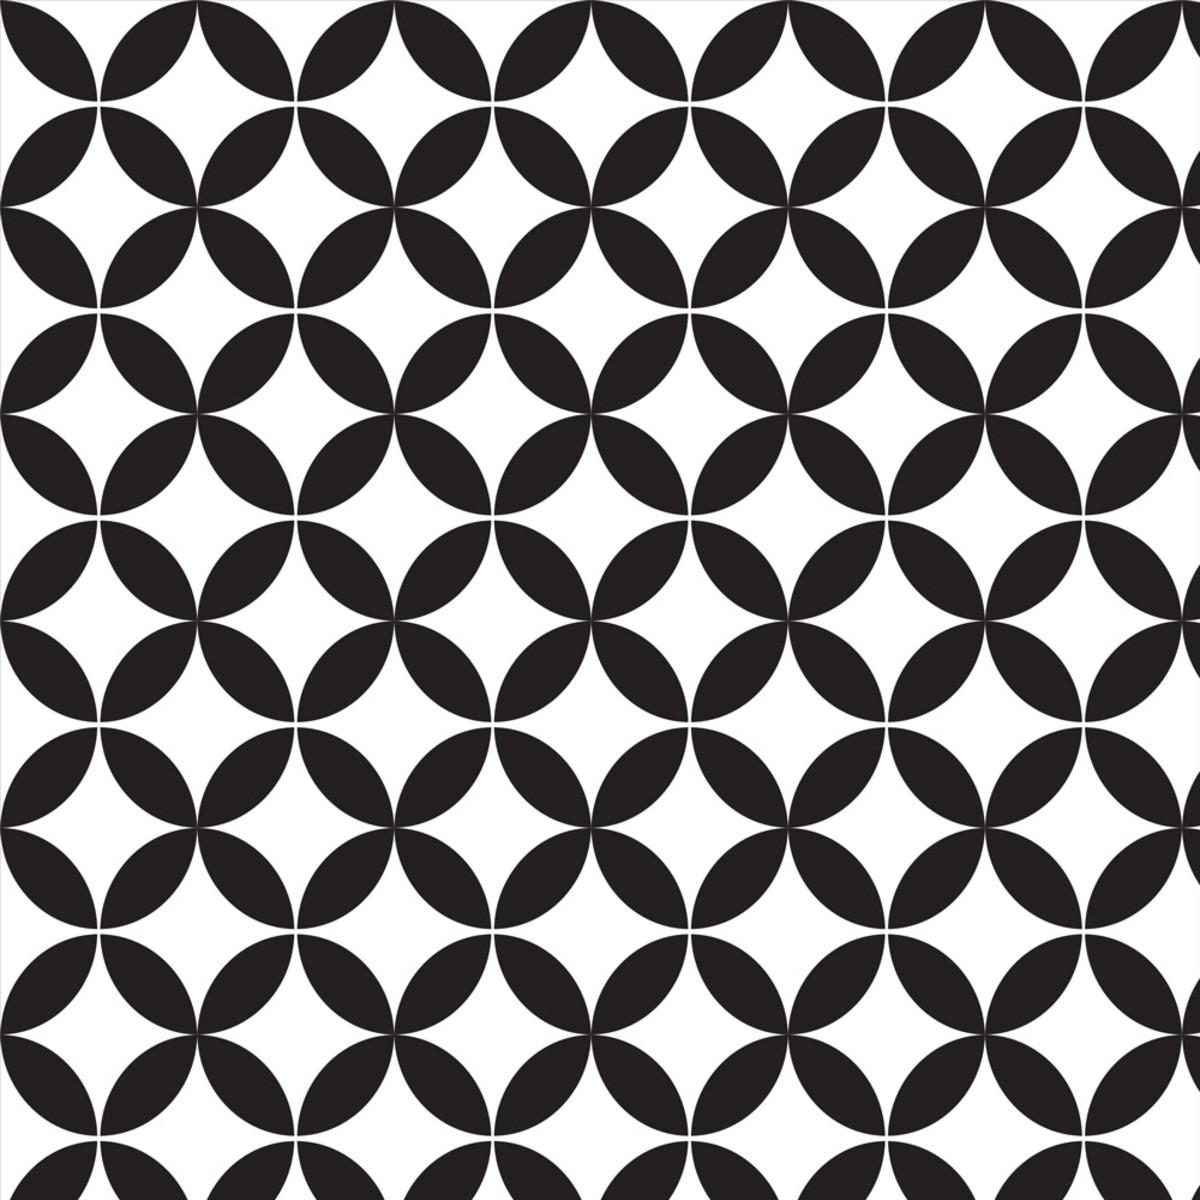 Papel De Parede Geometrico Abstrato Preto Com Fundo Branco No Elo7